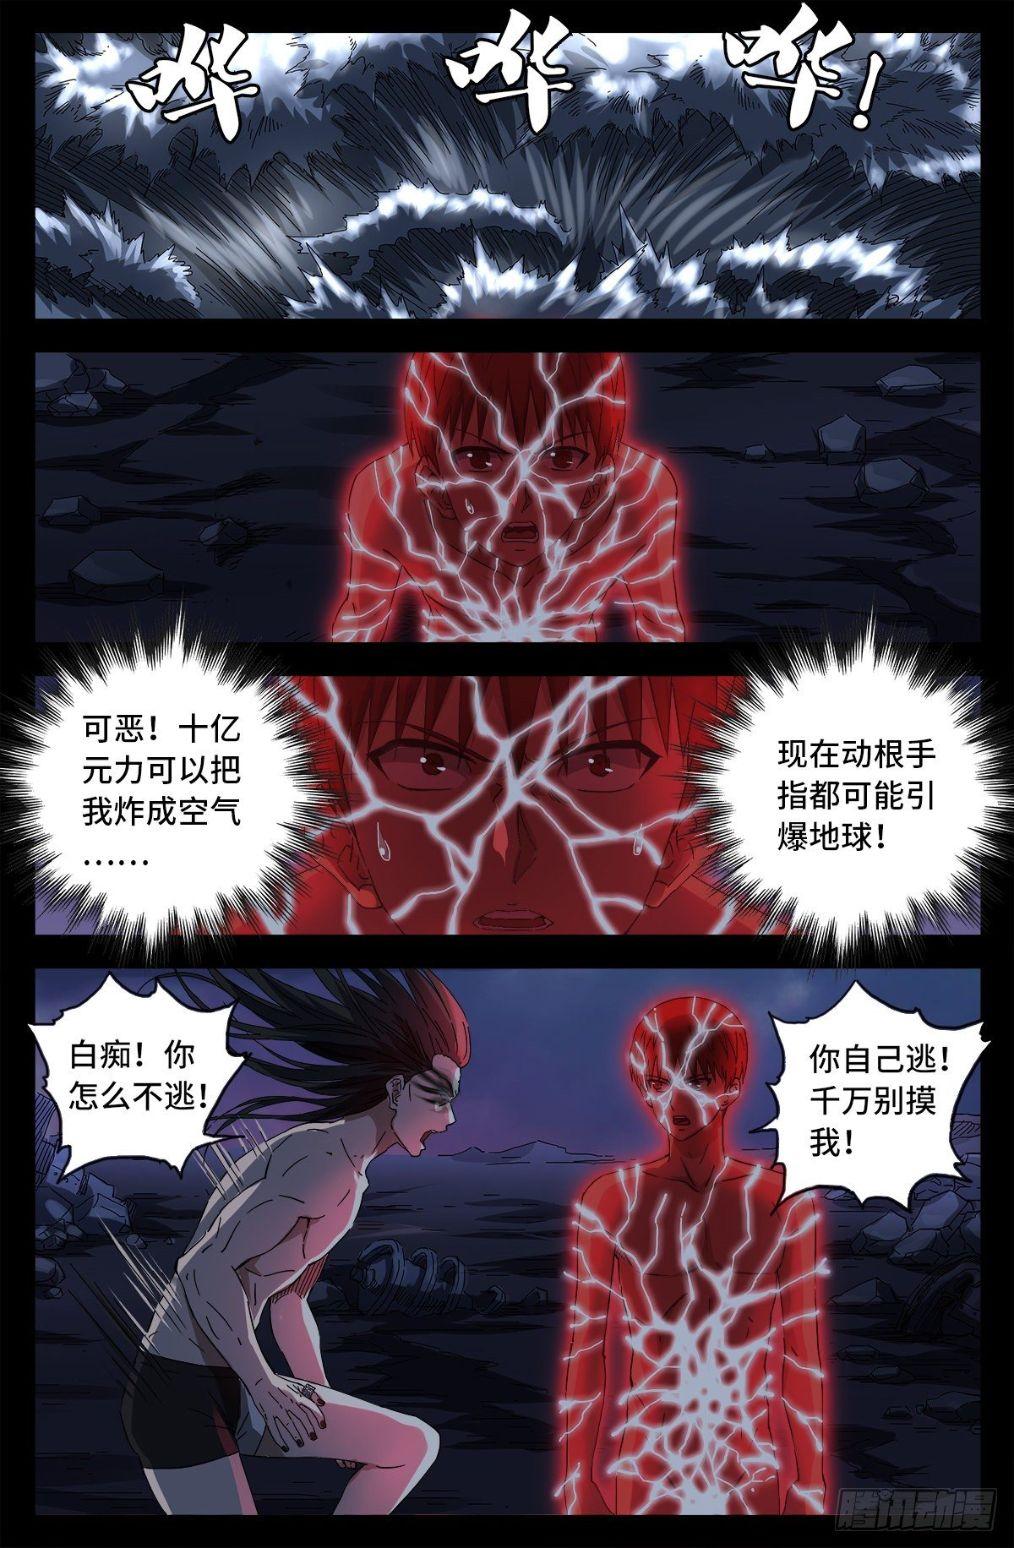 僵尸王漫画:戒魔人 第672话 奇金湖大搜救!